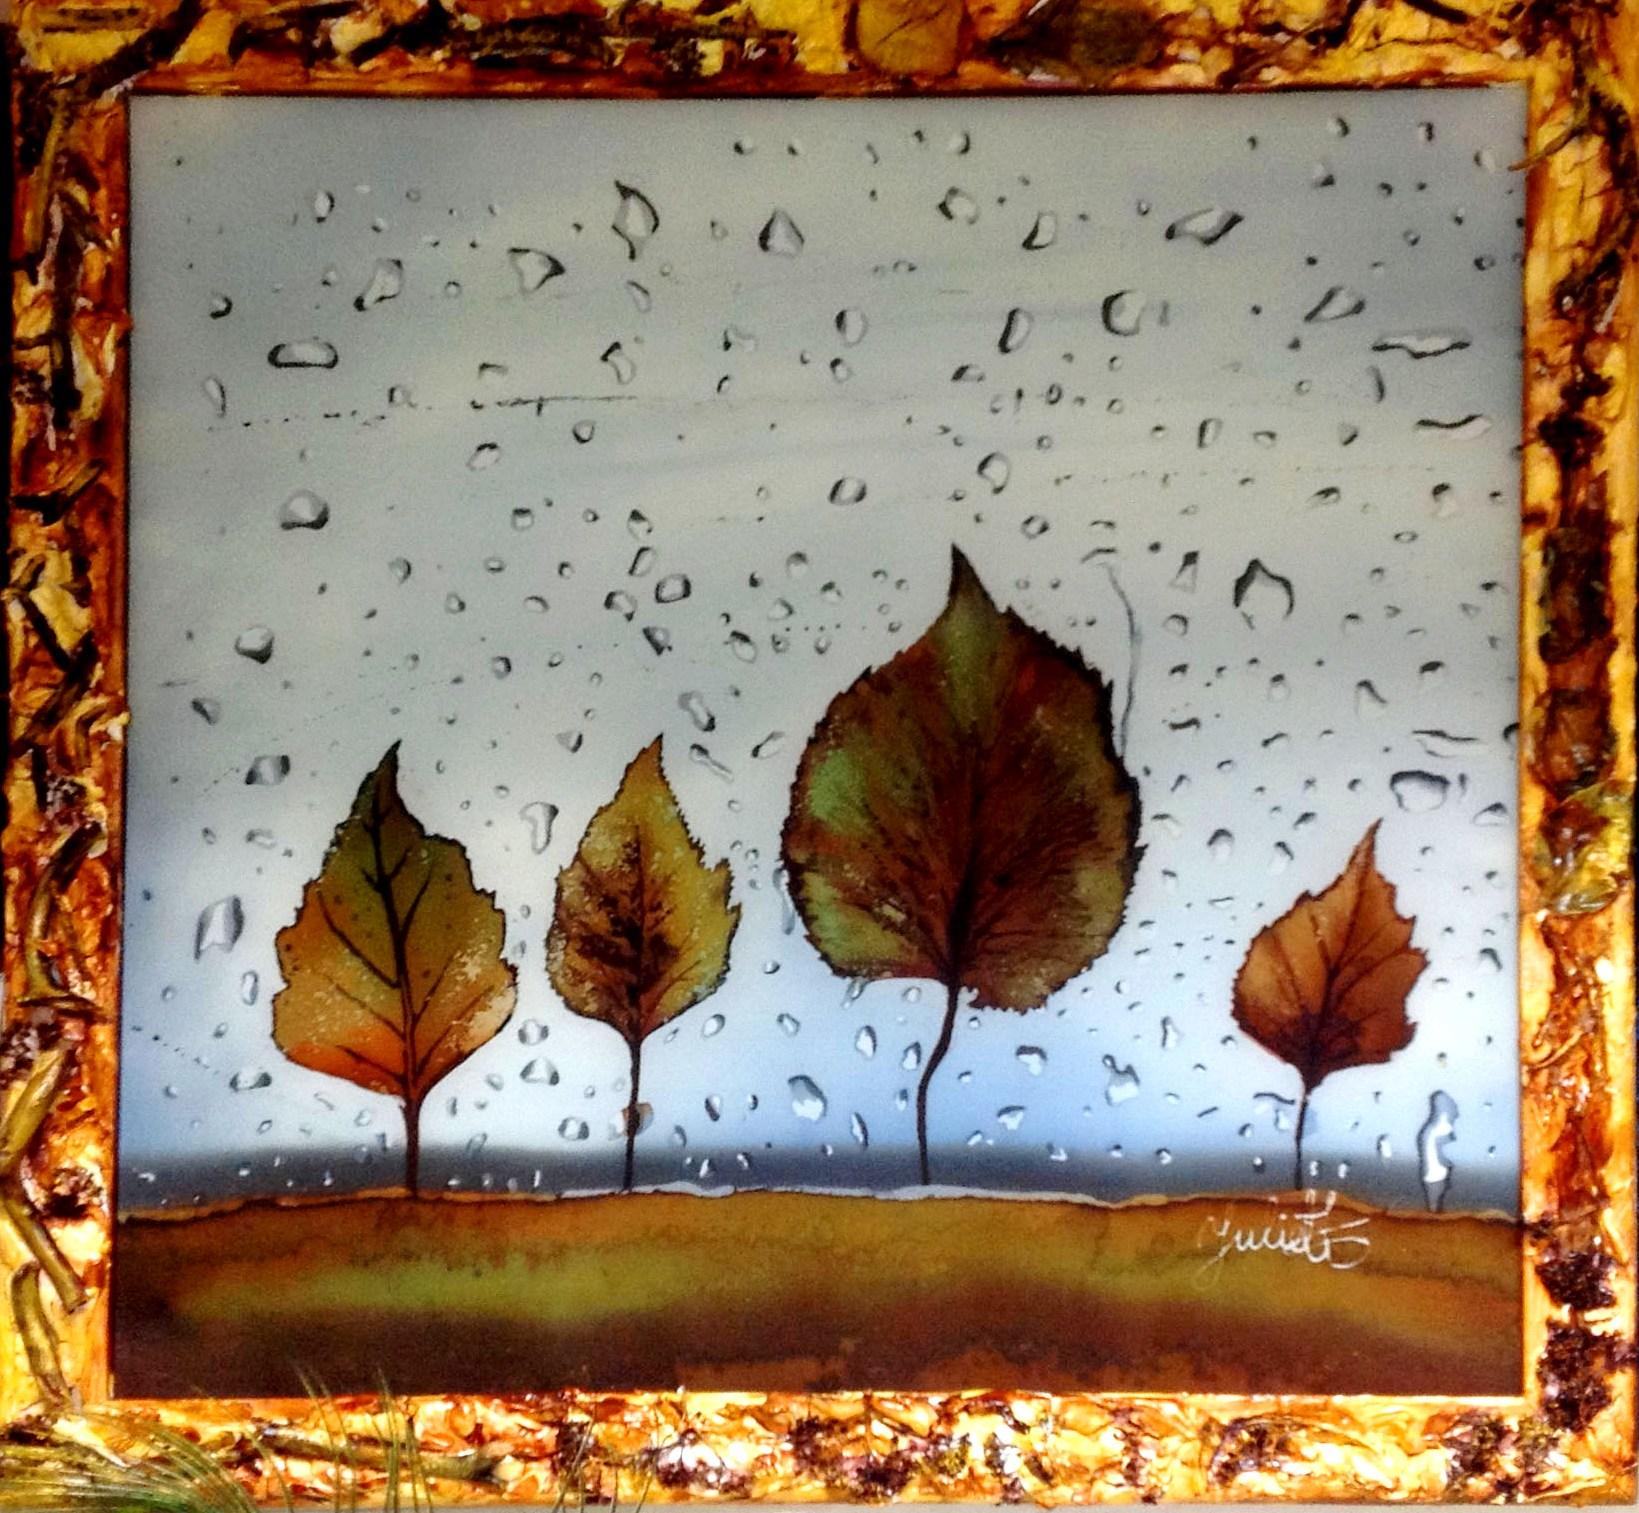 Листья на мокром стекле. 2018 г.